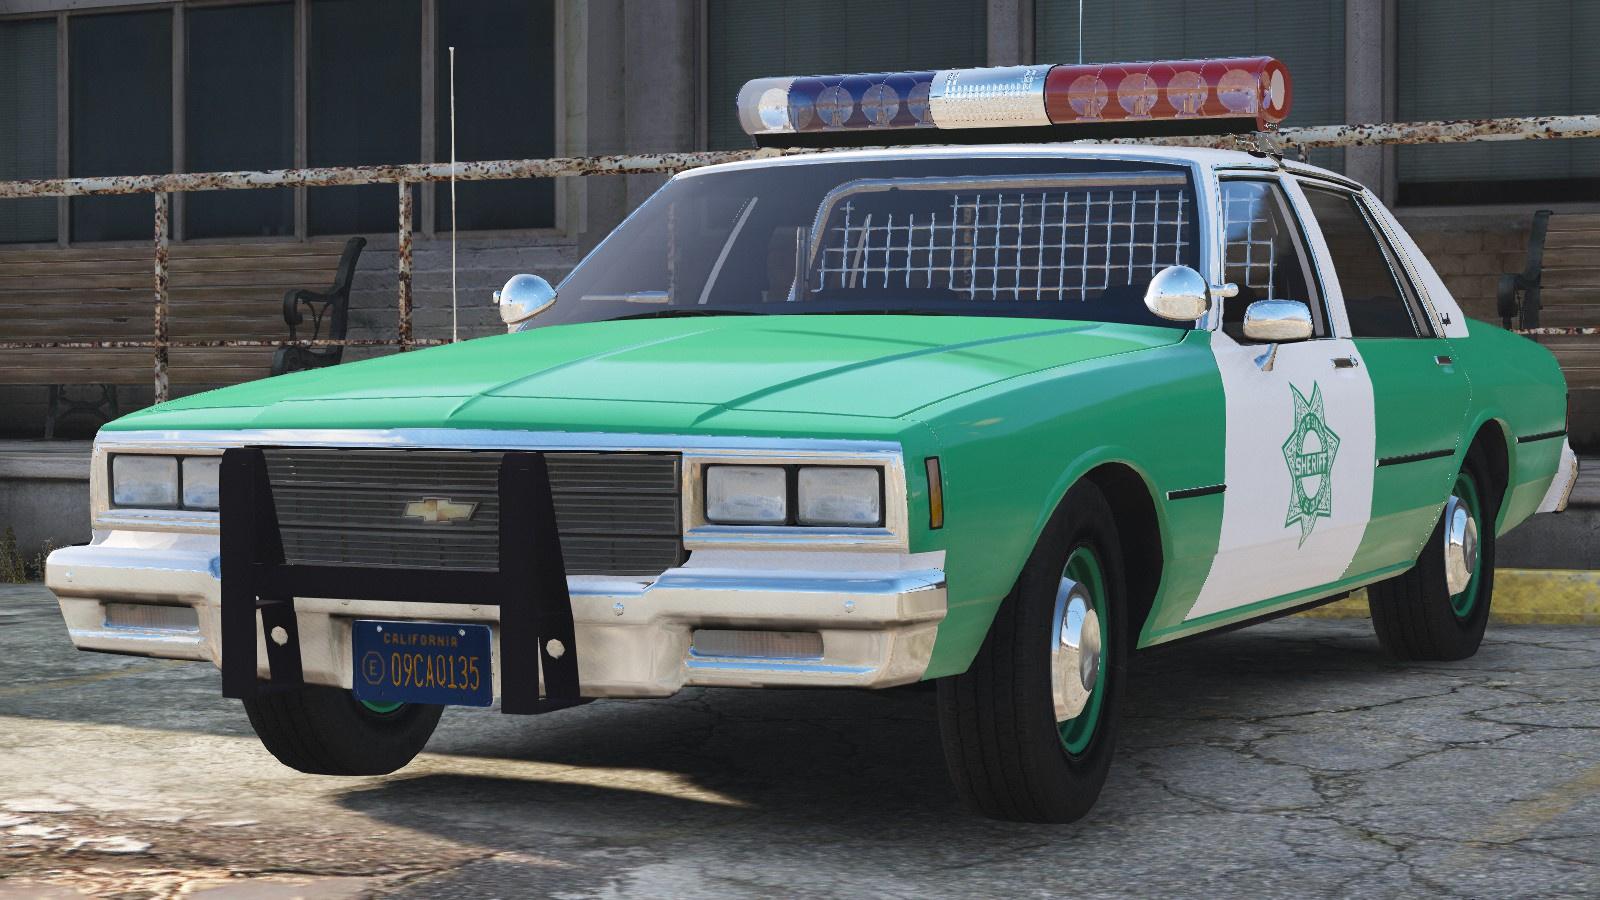 Chevy San Diego >> 1982 Chevy Impala 9c1 San Diego County Sheriff Gta5 Mods Com